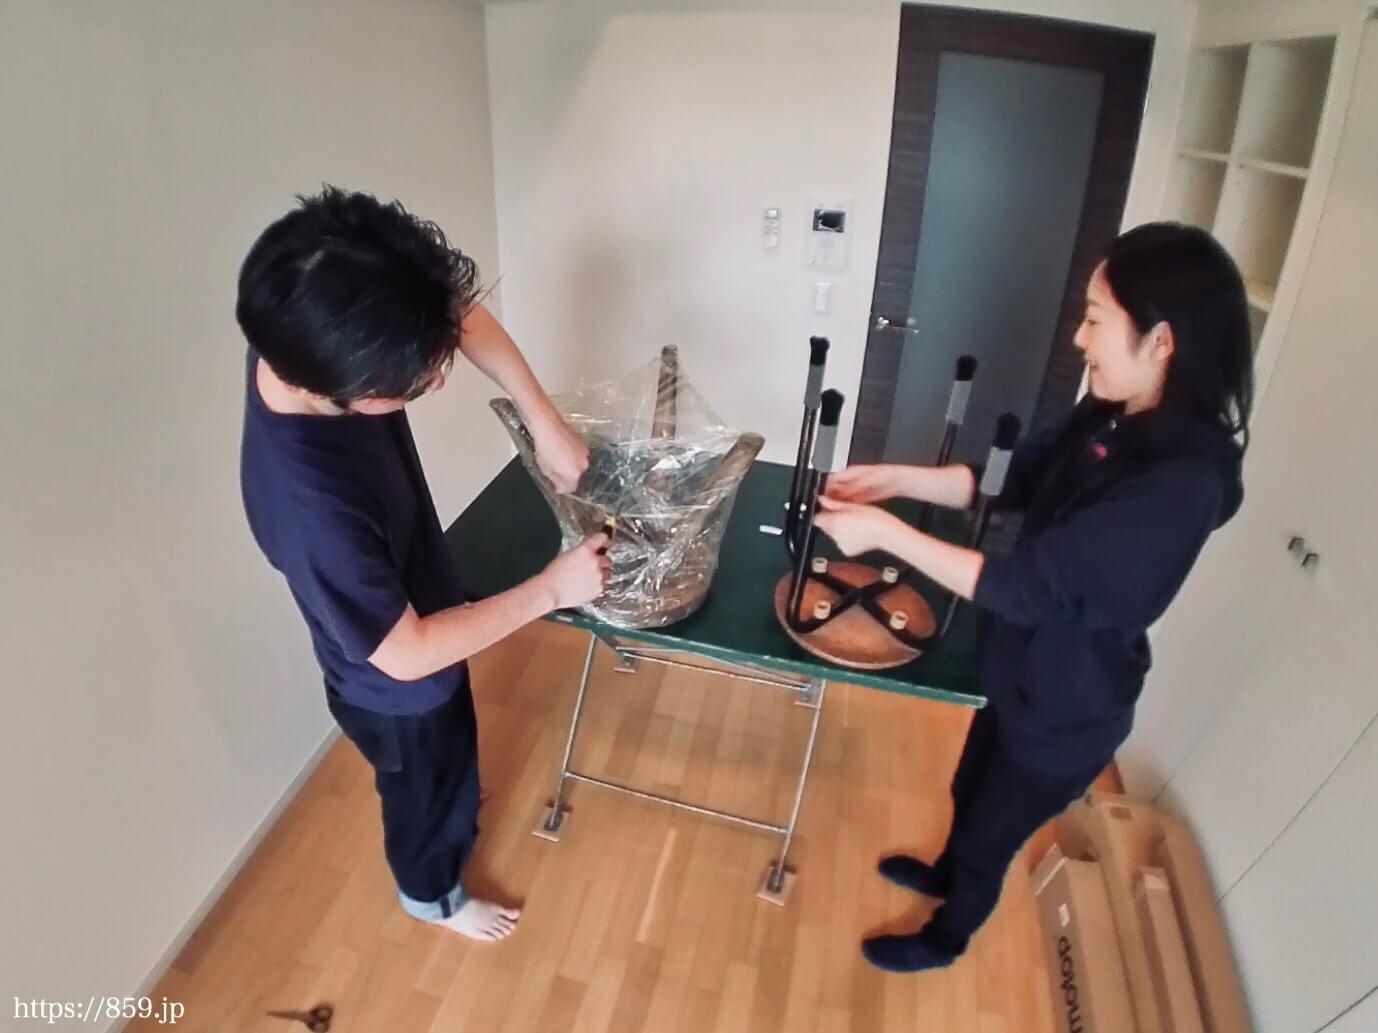 ヨーロッパの古道具、骨董品、古着など、レトロな雰囲気のインテリアや服を探している人におすすめ!札幌PARCO7階grenier(グルニエ)。椅子購入。